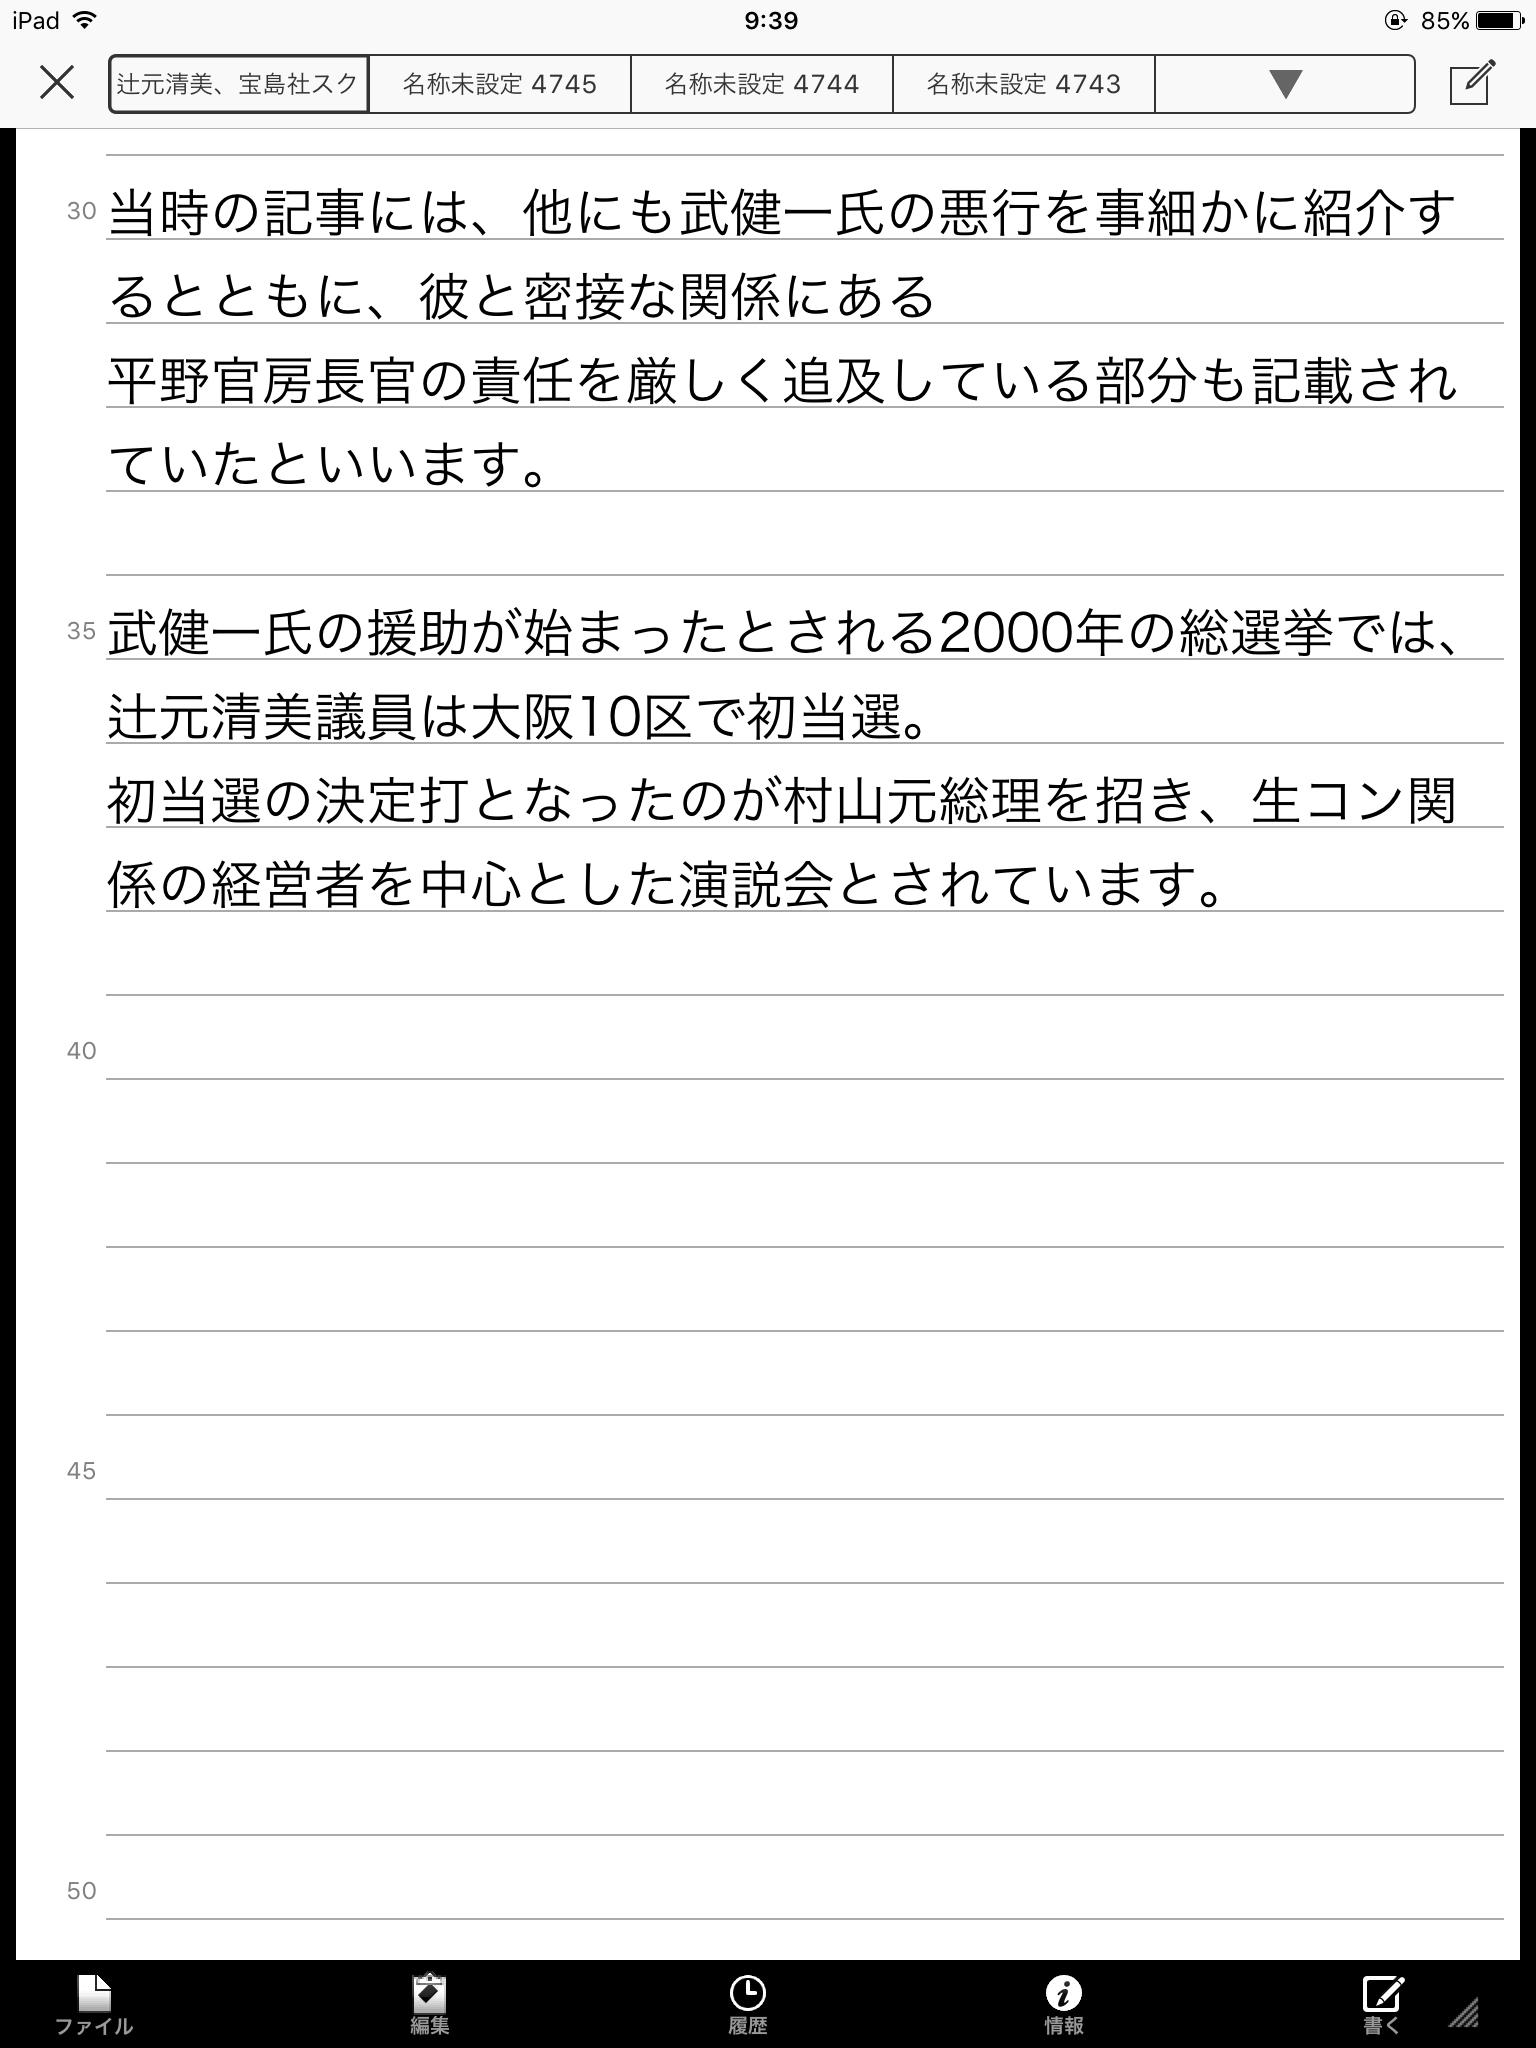 20170327-03-xmrvrtU.jpg